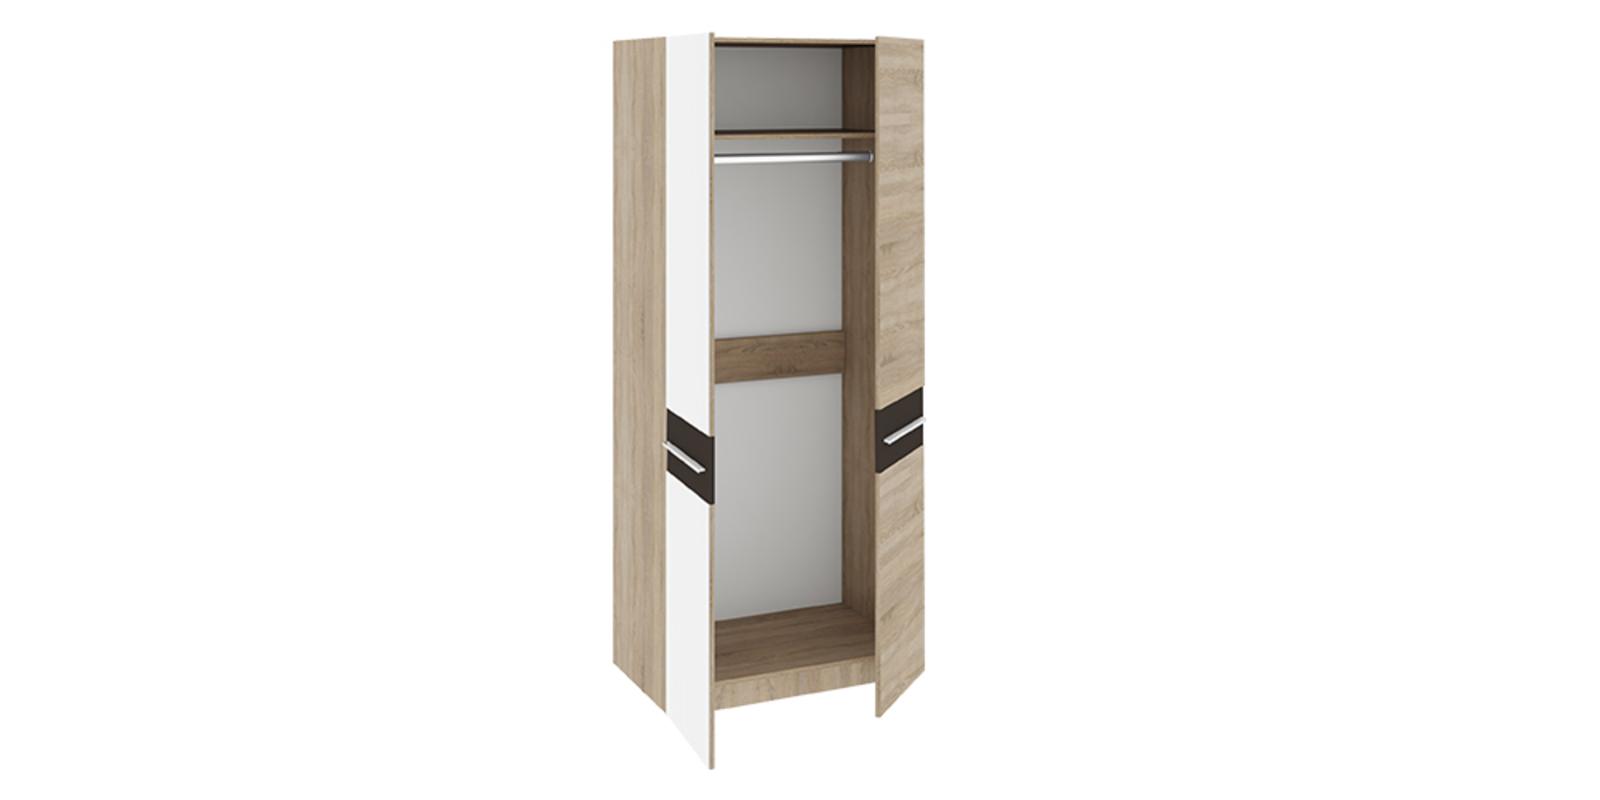 Largo шкаф для одежды с 2-мя зеркальными дверями рио мебель.